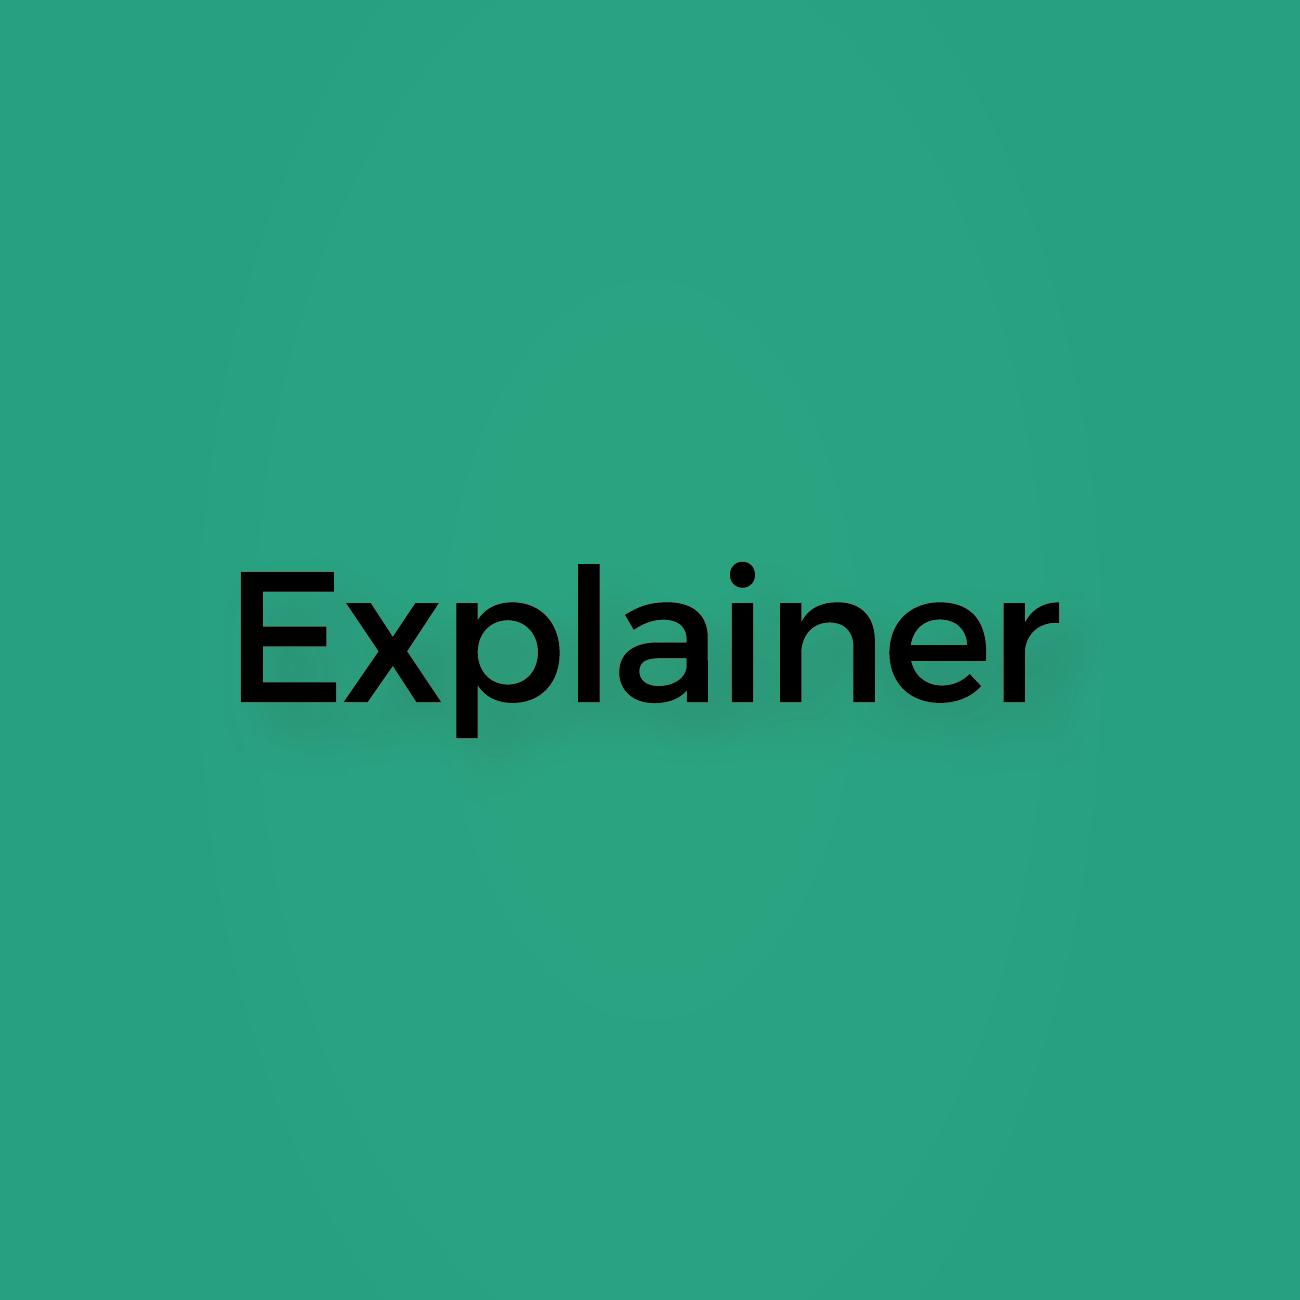 Explainer logga